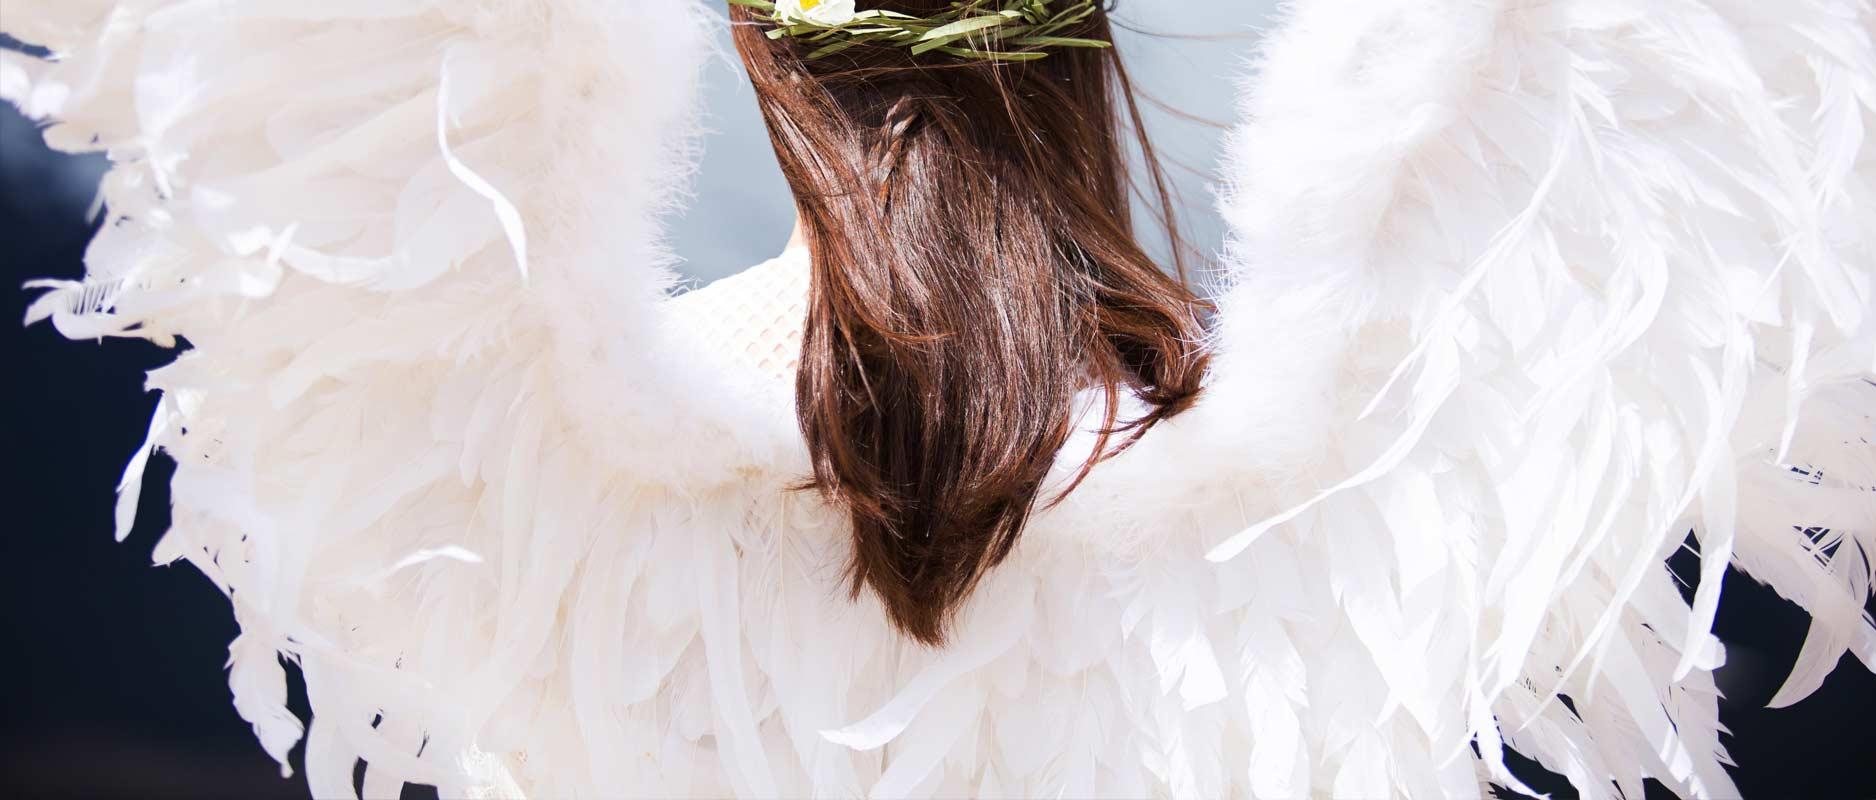 Bestaan engelen?